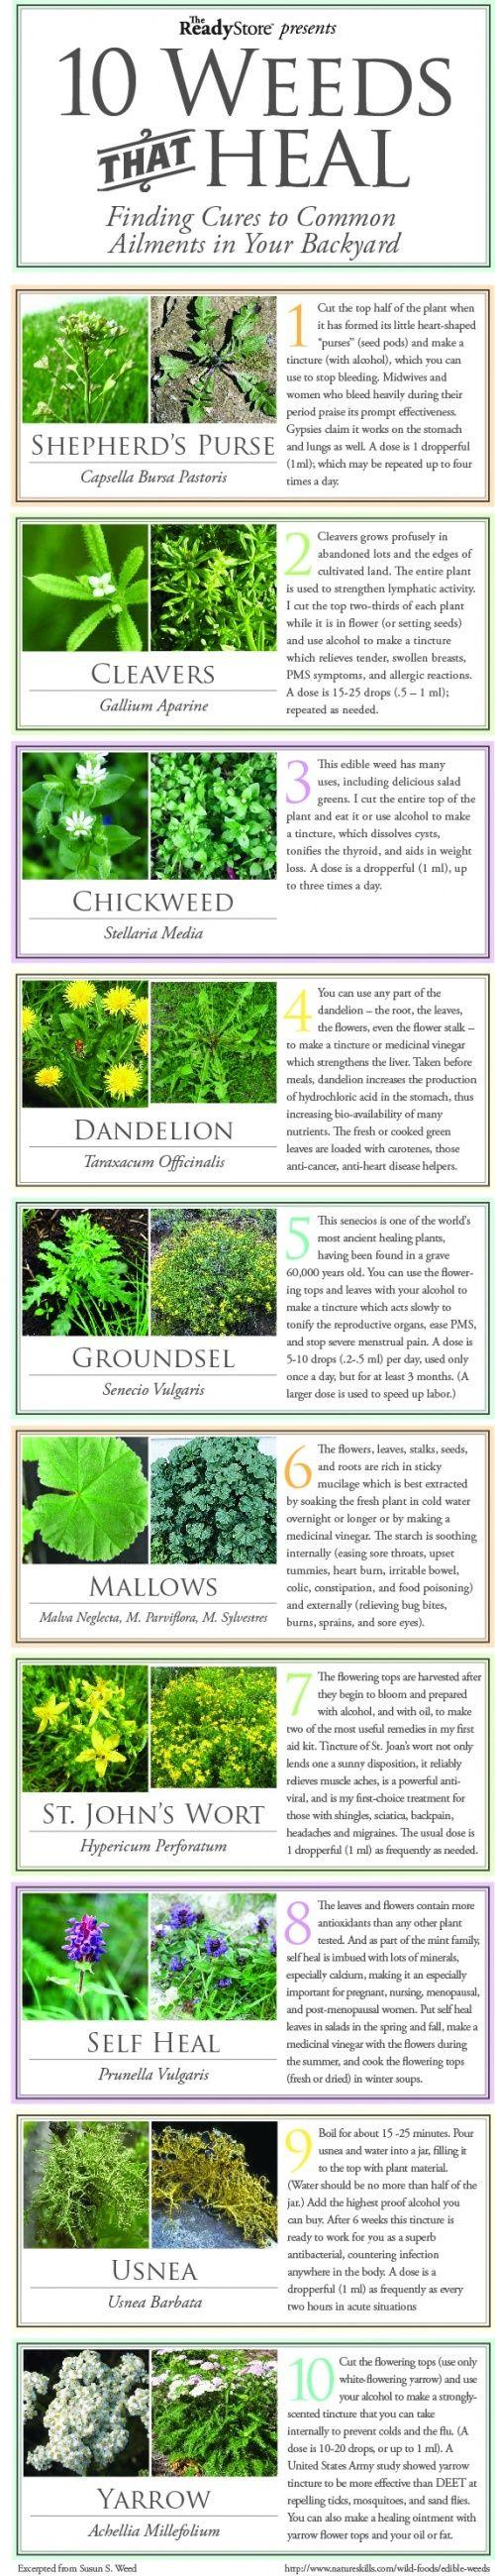 10 Weeds that Heal big